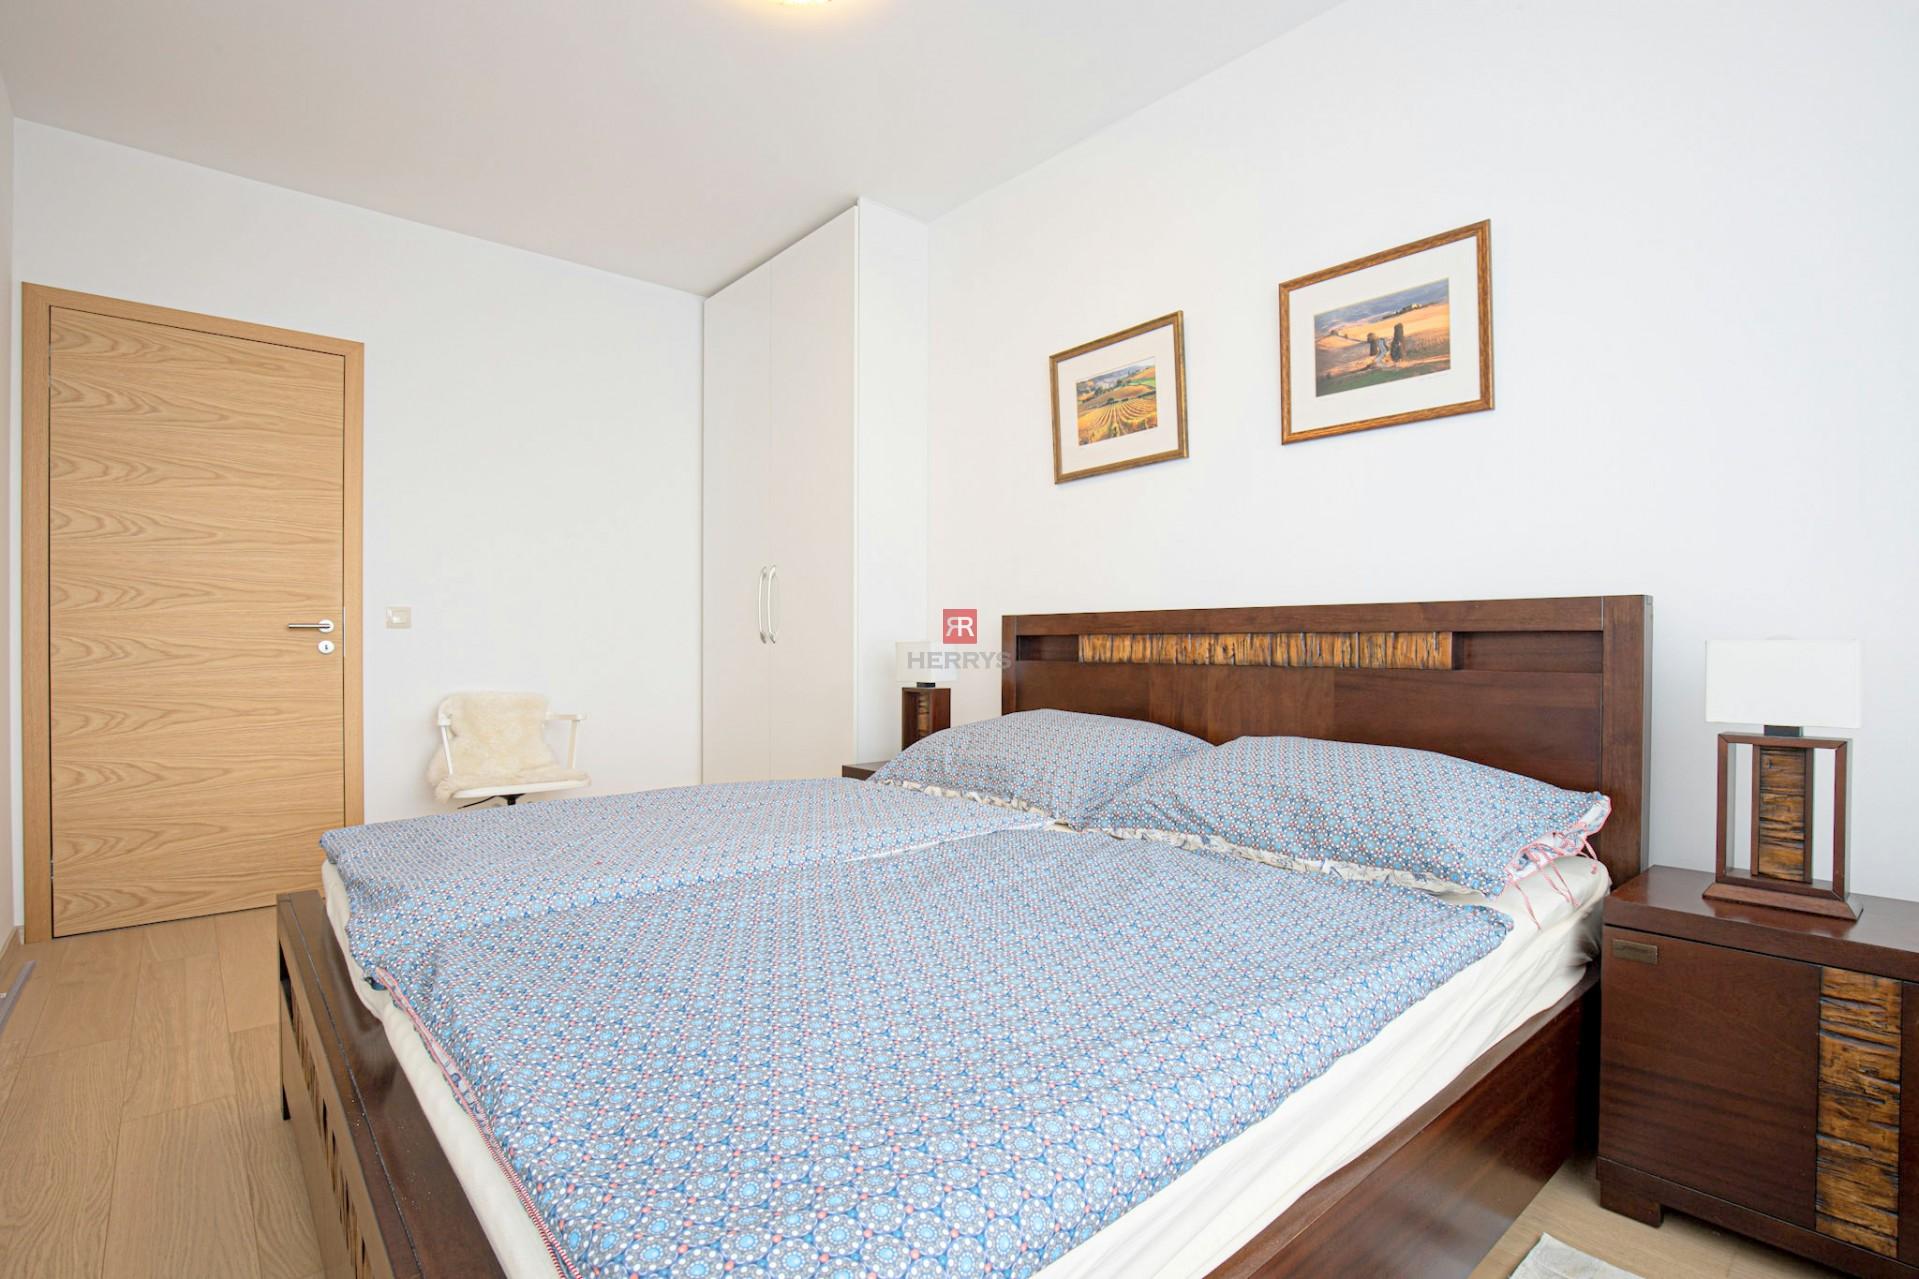 HERRYS - na prenájom útulný 3 izbový byt v Panorama city